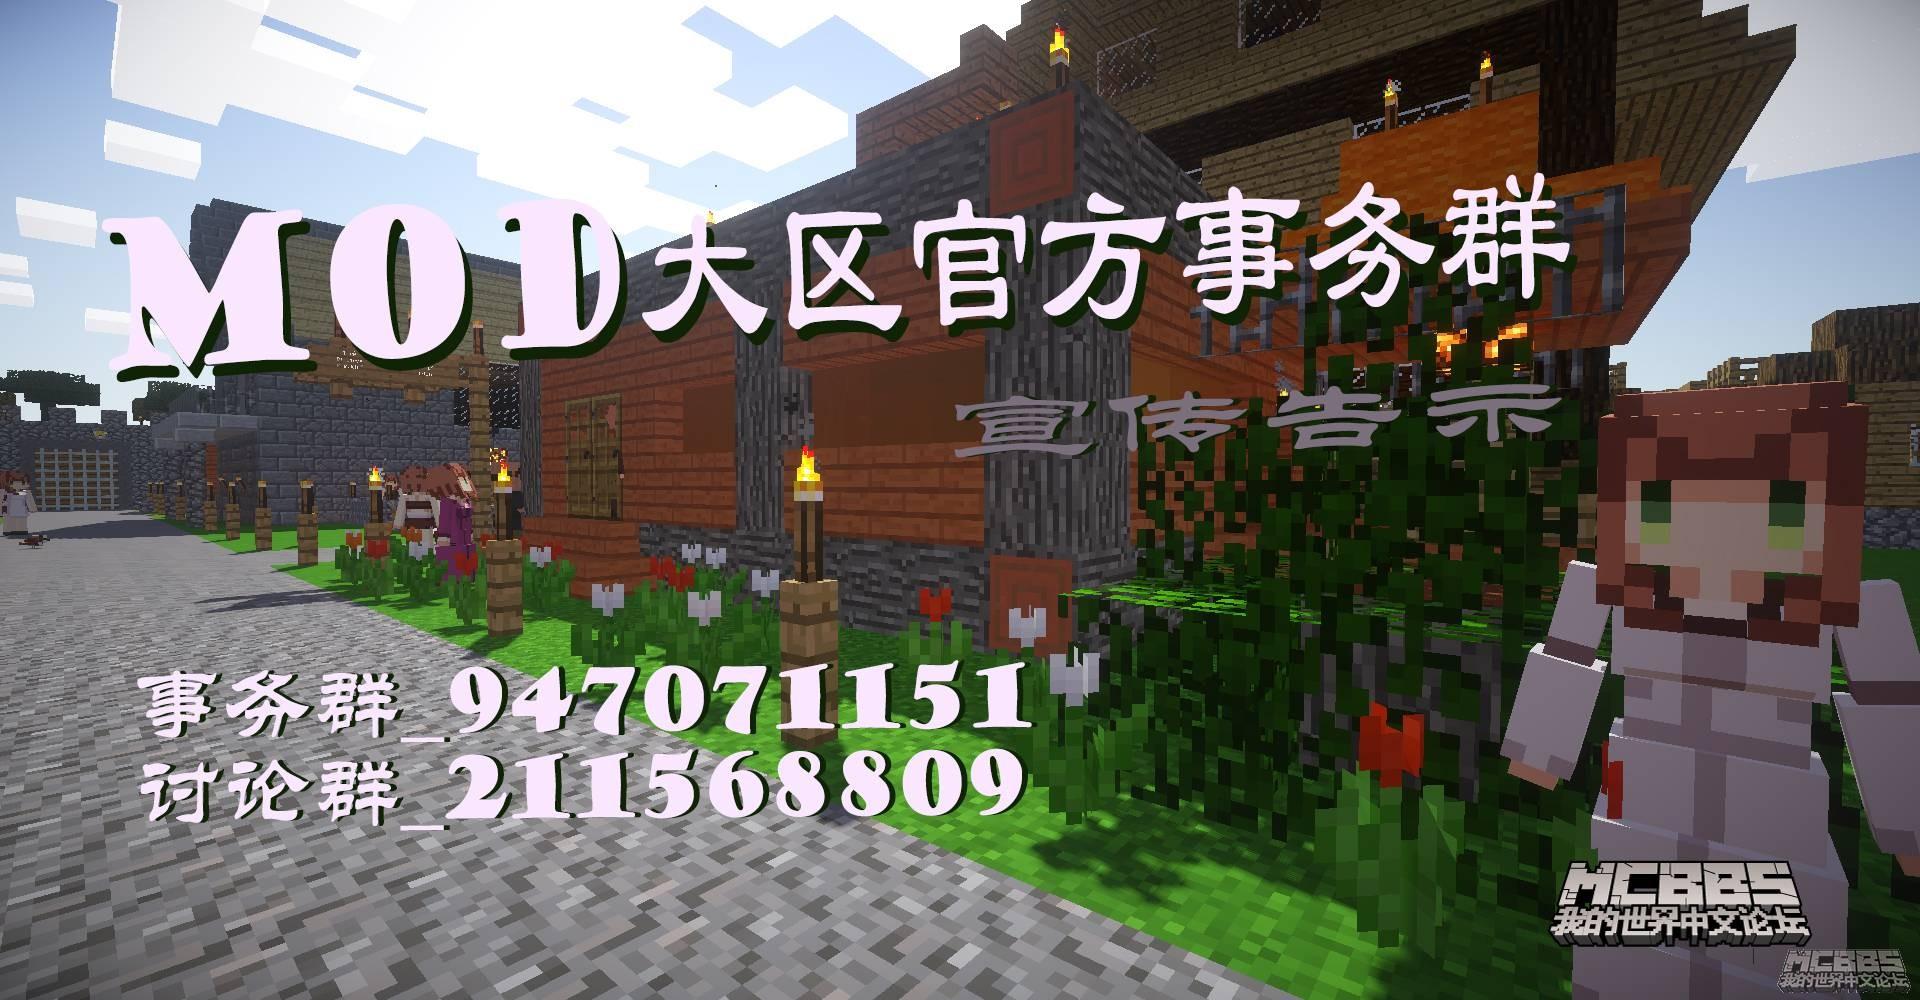 file_1551448655000.jpg